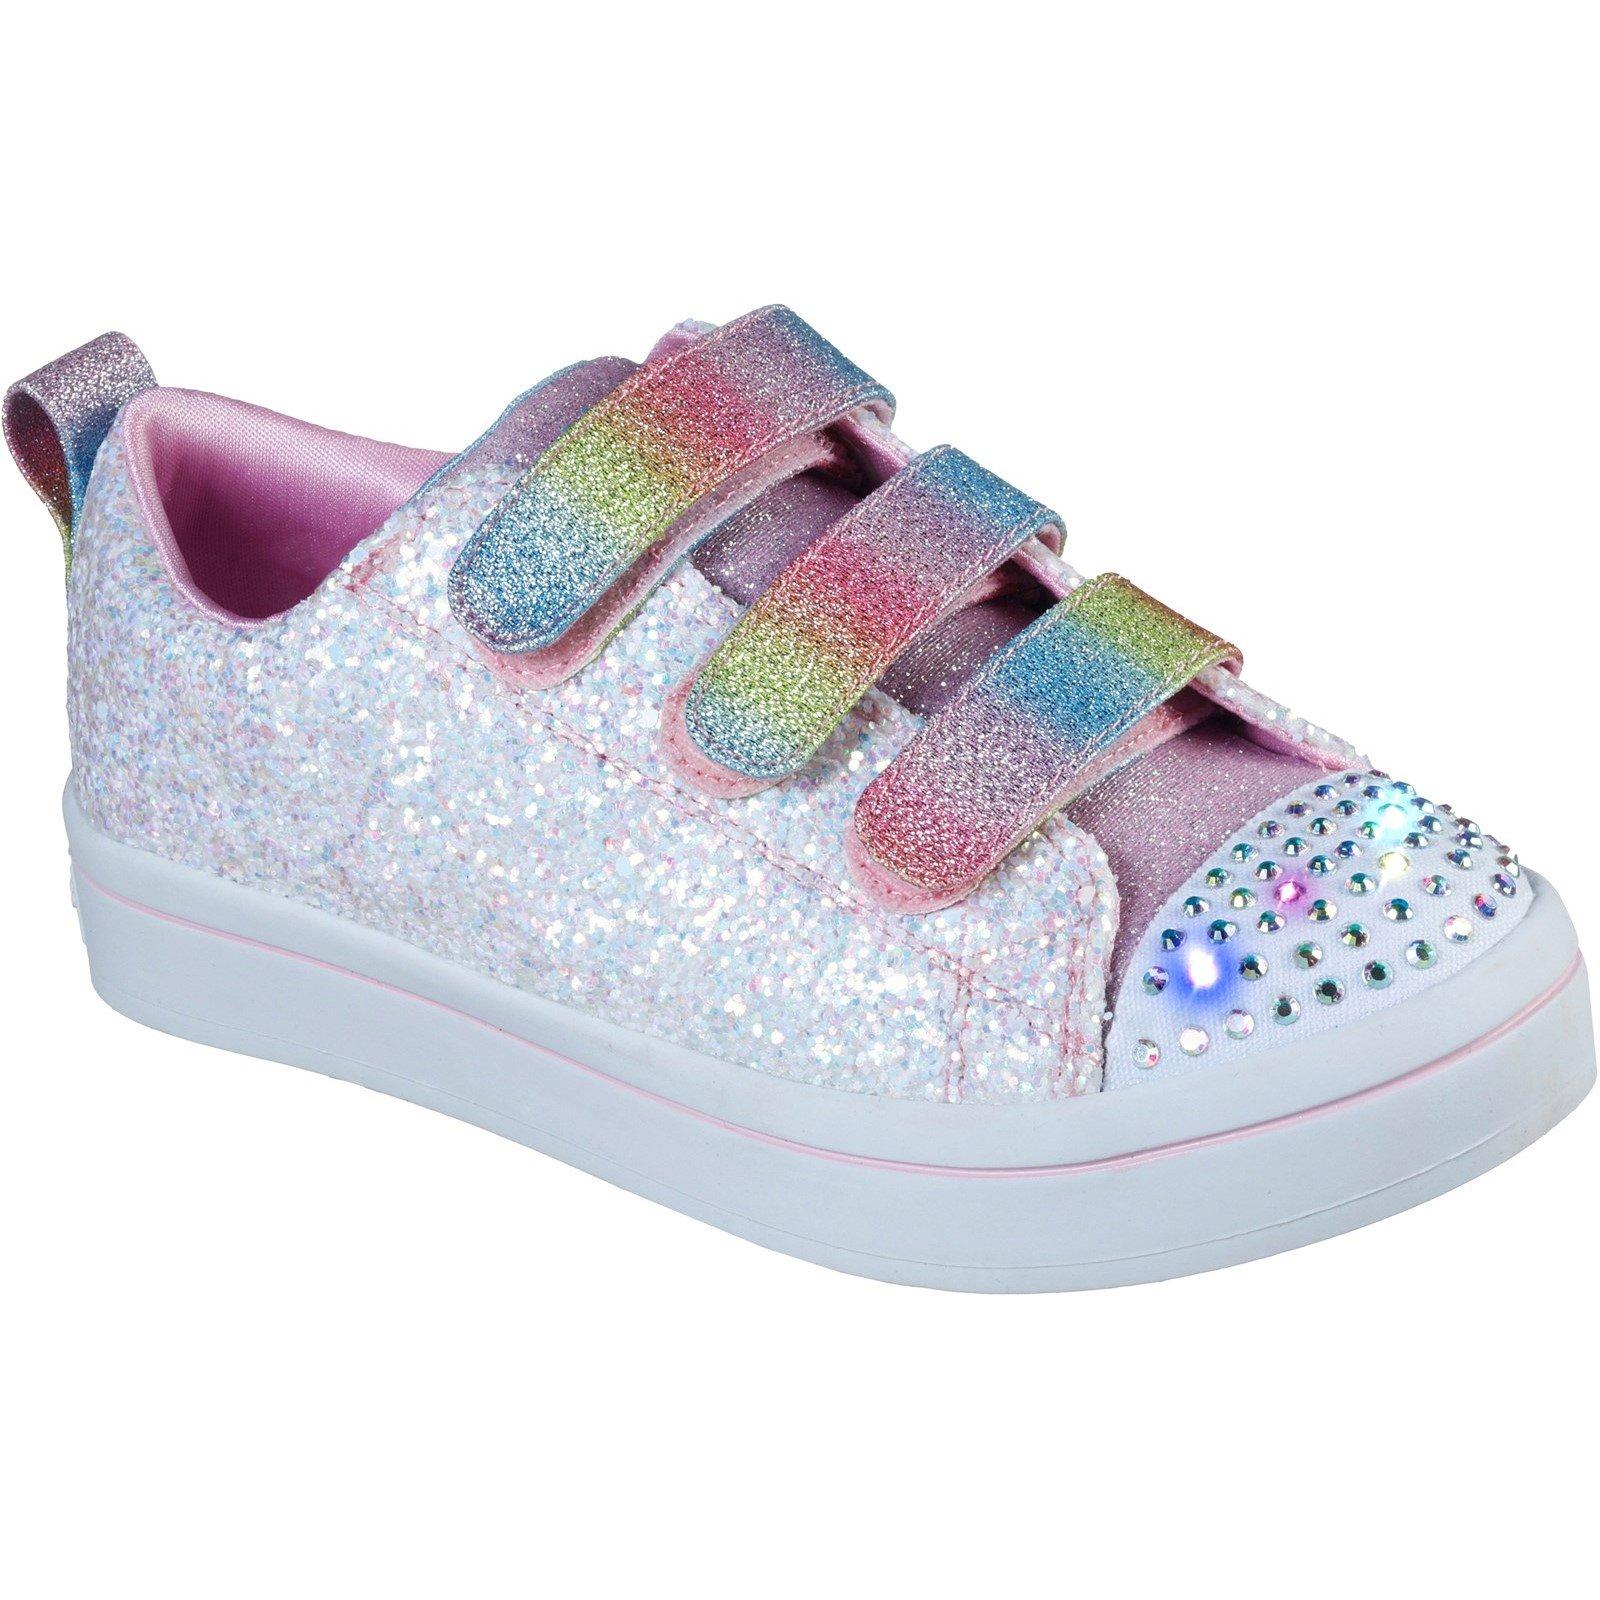 Skechers Kid's Twi-Lites Glitter Glitz Trainer Multicolor 31895 - White/Multi 13